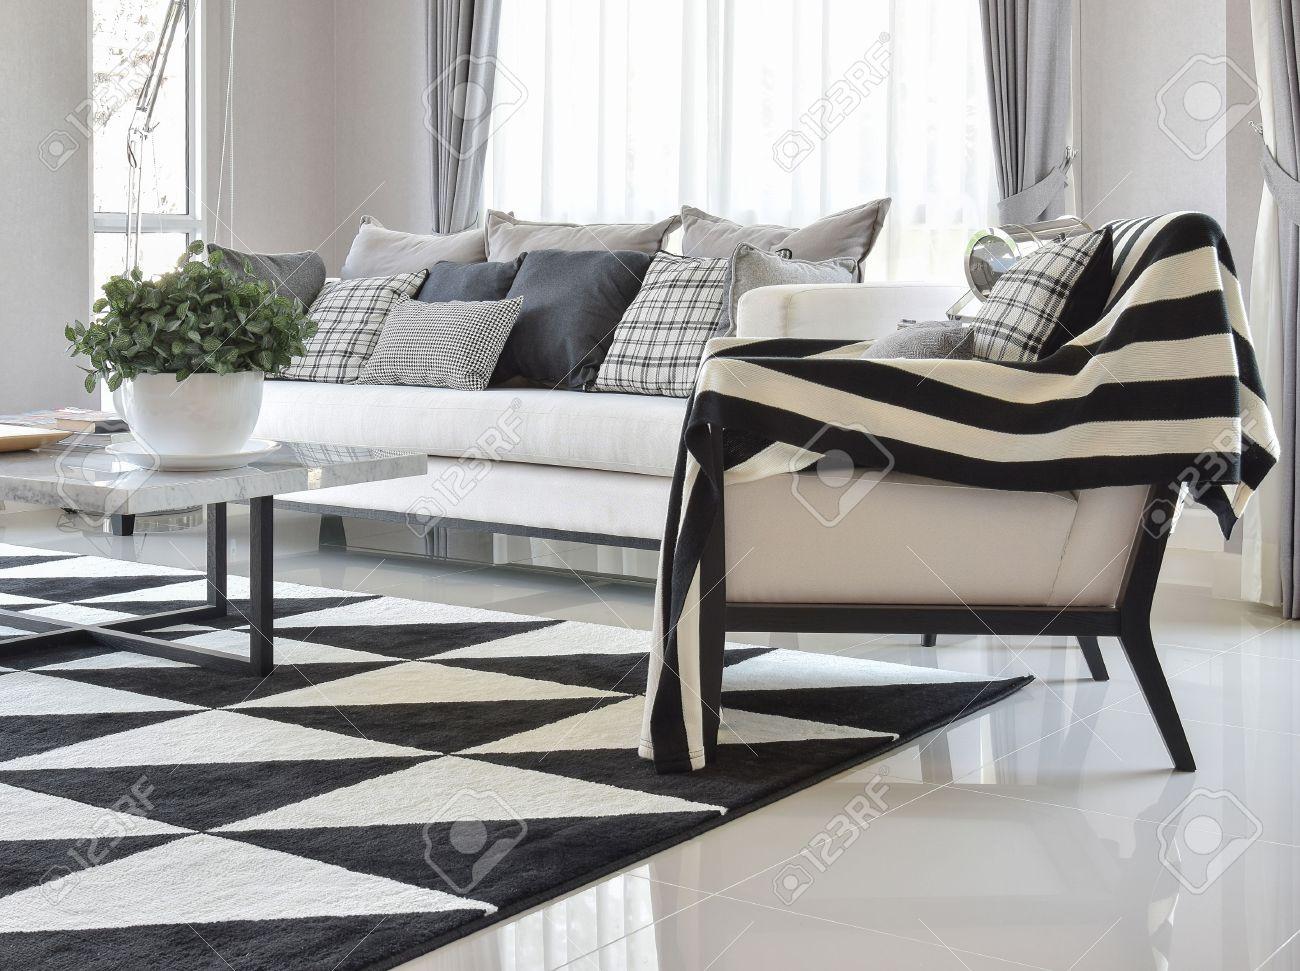 Salon moderne intérieur avec des oreillers en damier noir et blanc ...